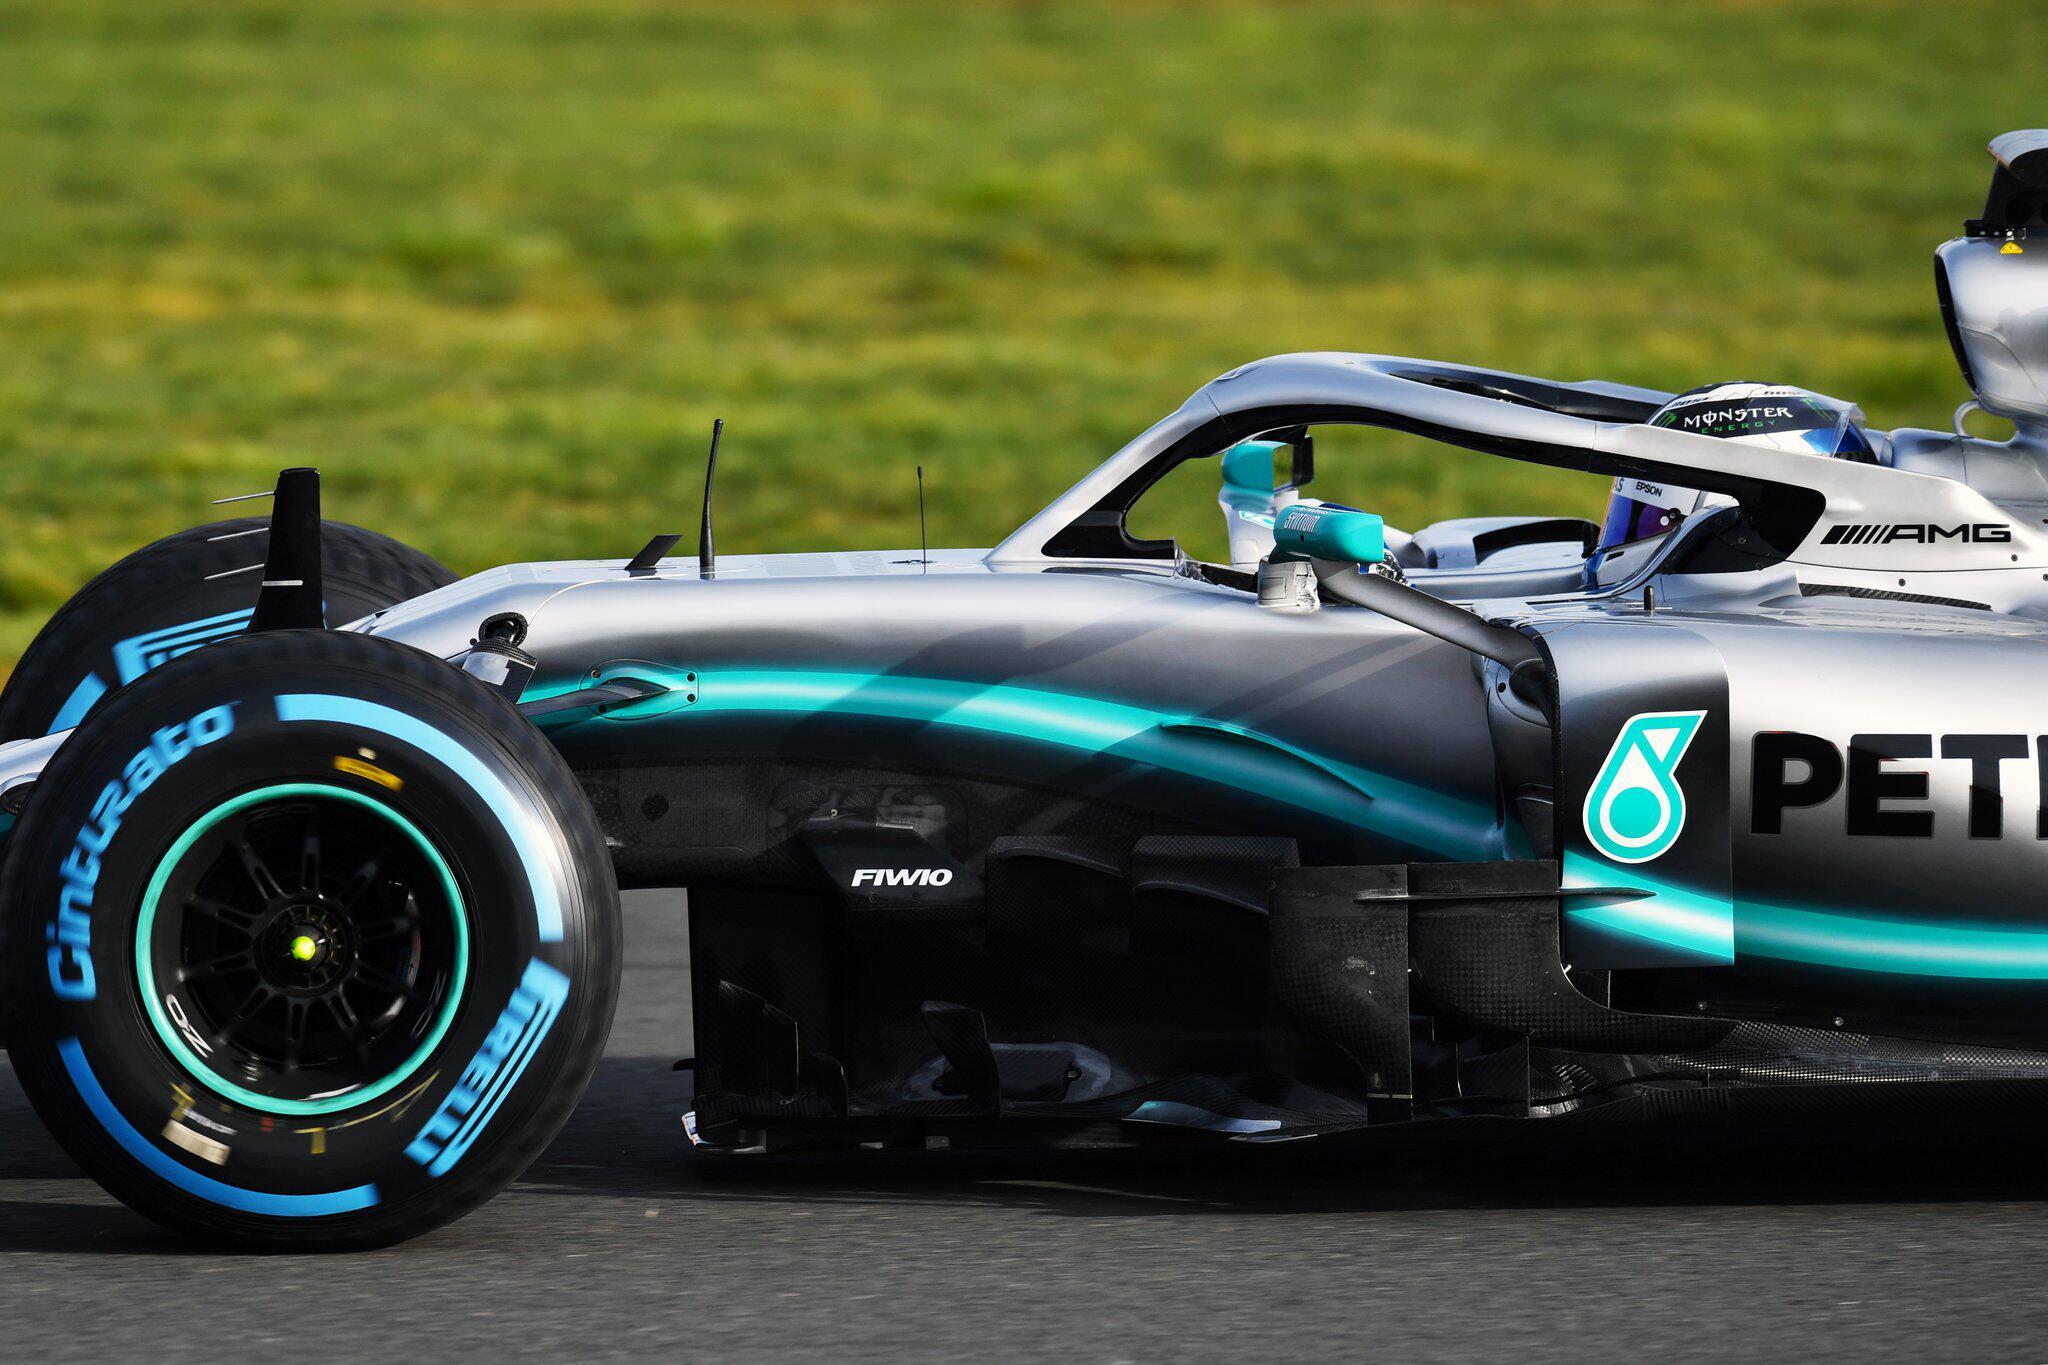 Bild zu Formel 1 - Mercedes Rennwagen W10